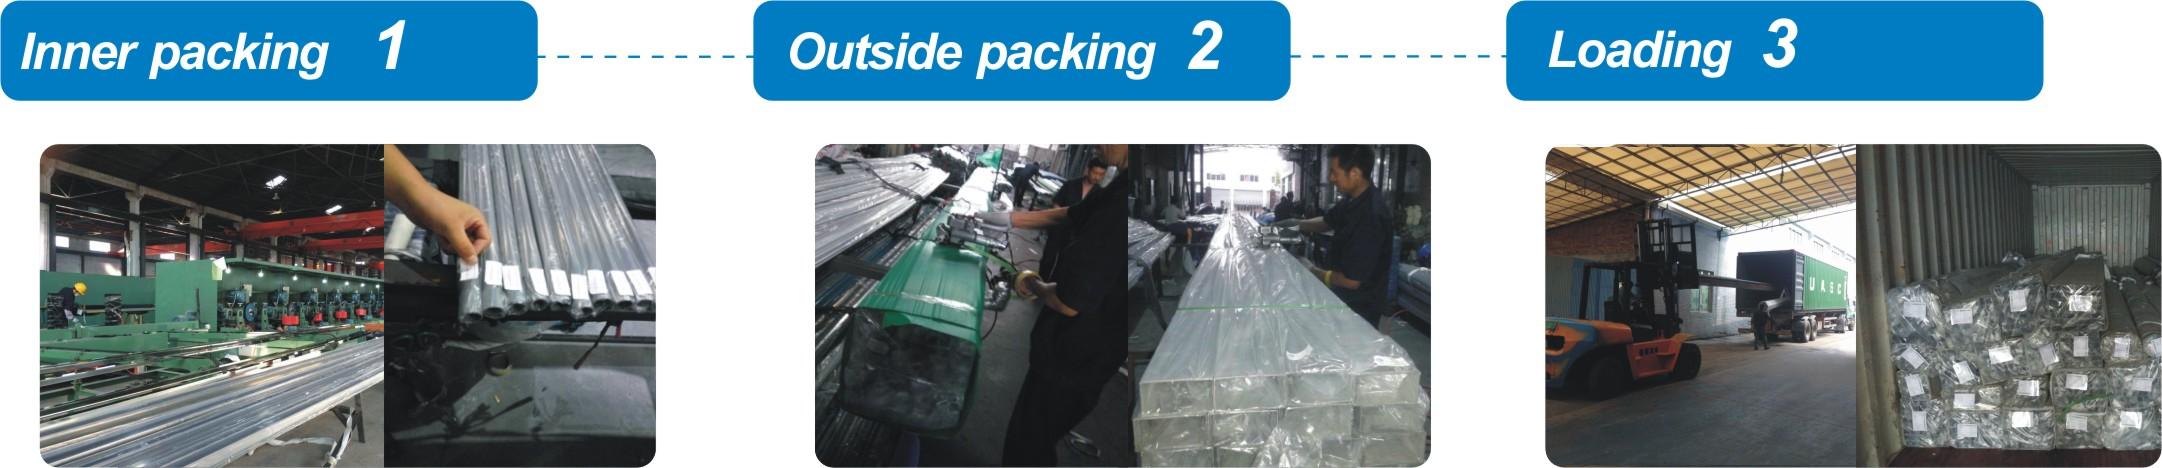 stainless steel tube packaing